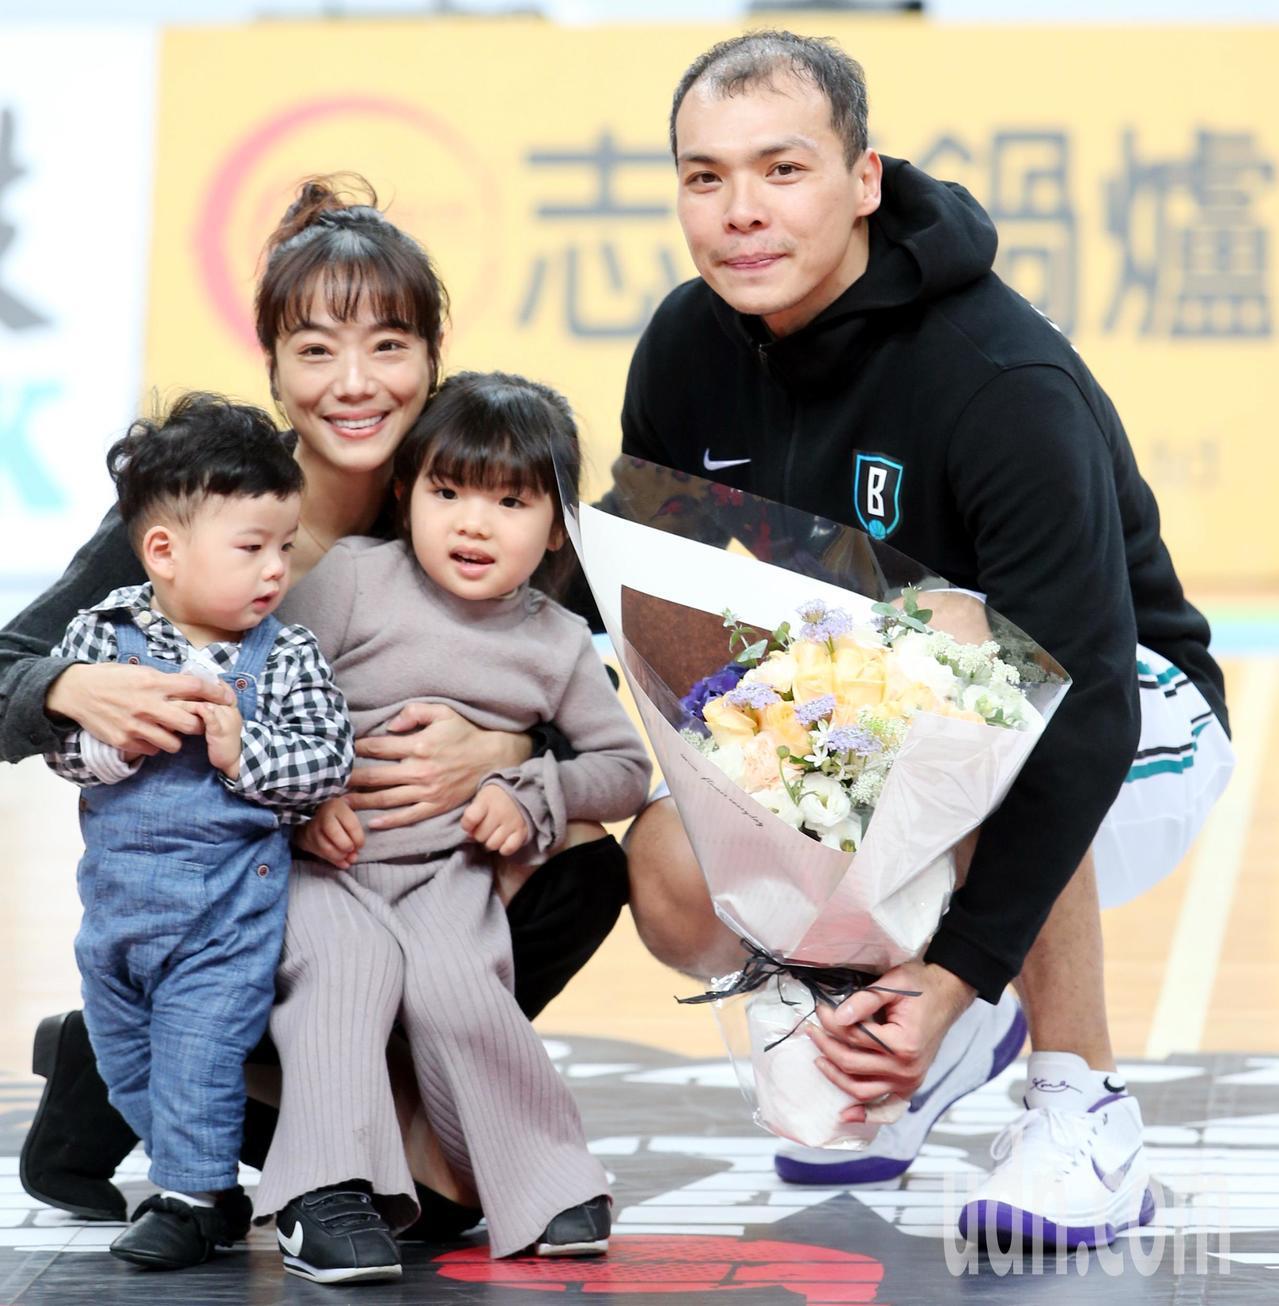 富邦隊蔡文誠(右)昨晚達成超級籃球生涯第3000分,家人獻花道賀。記者侯永全/攝...